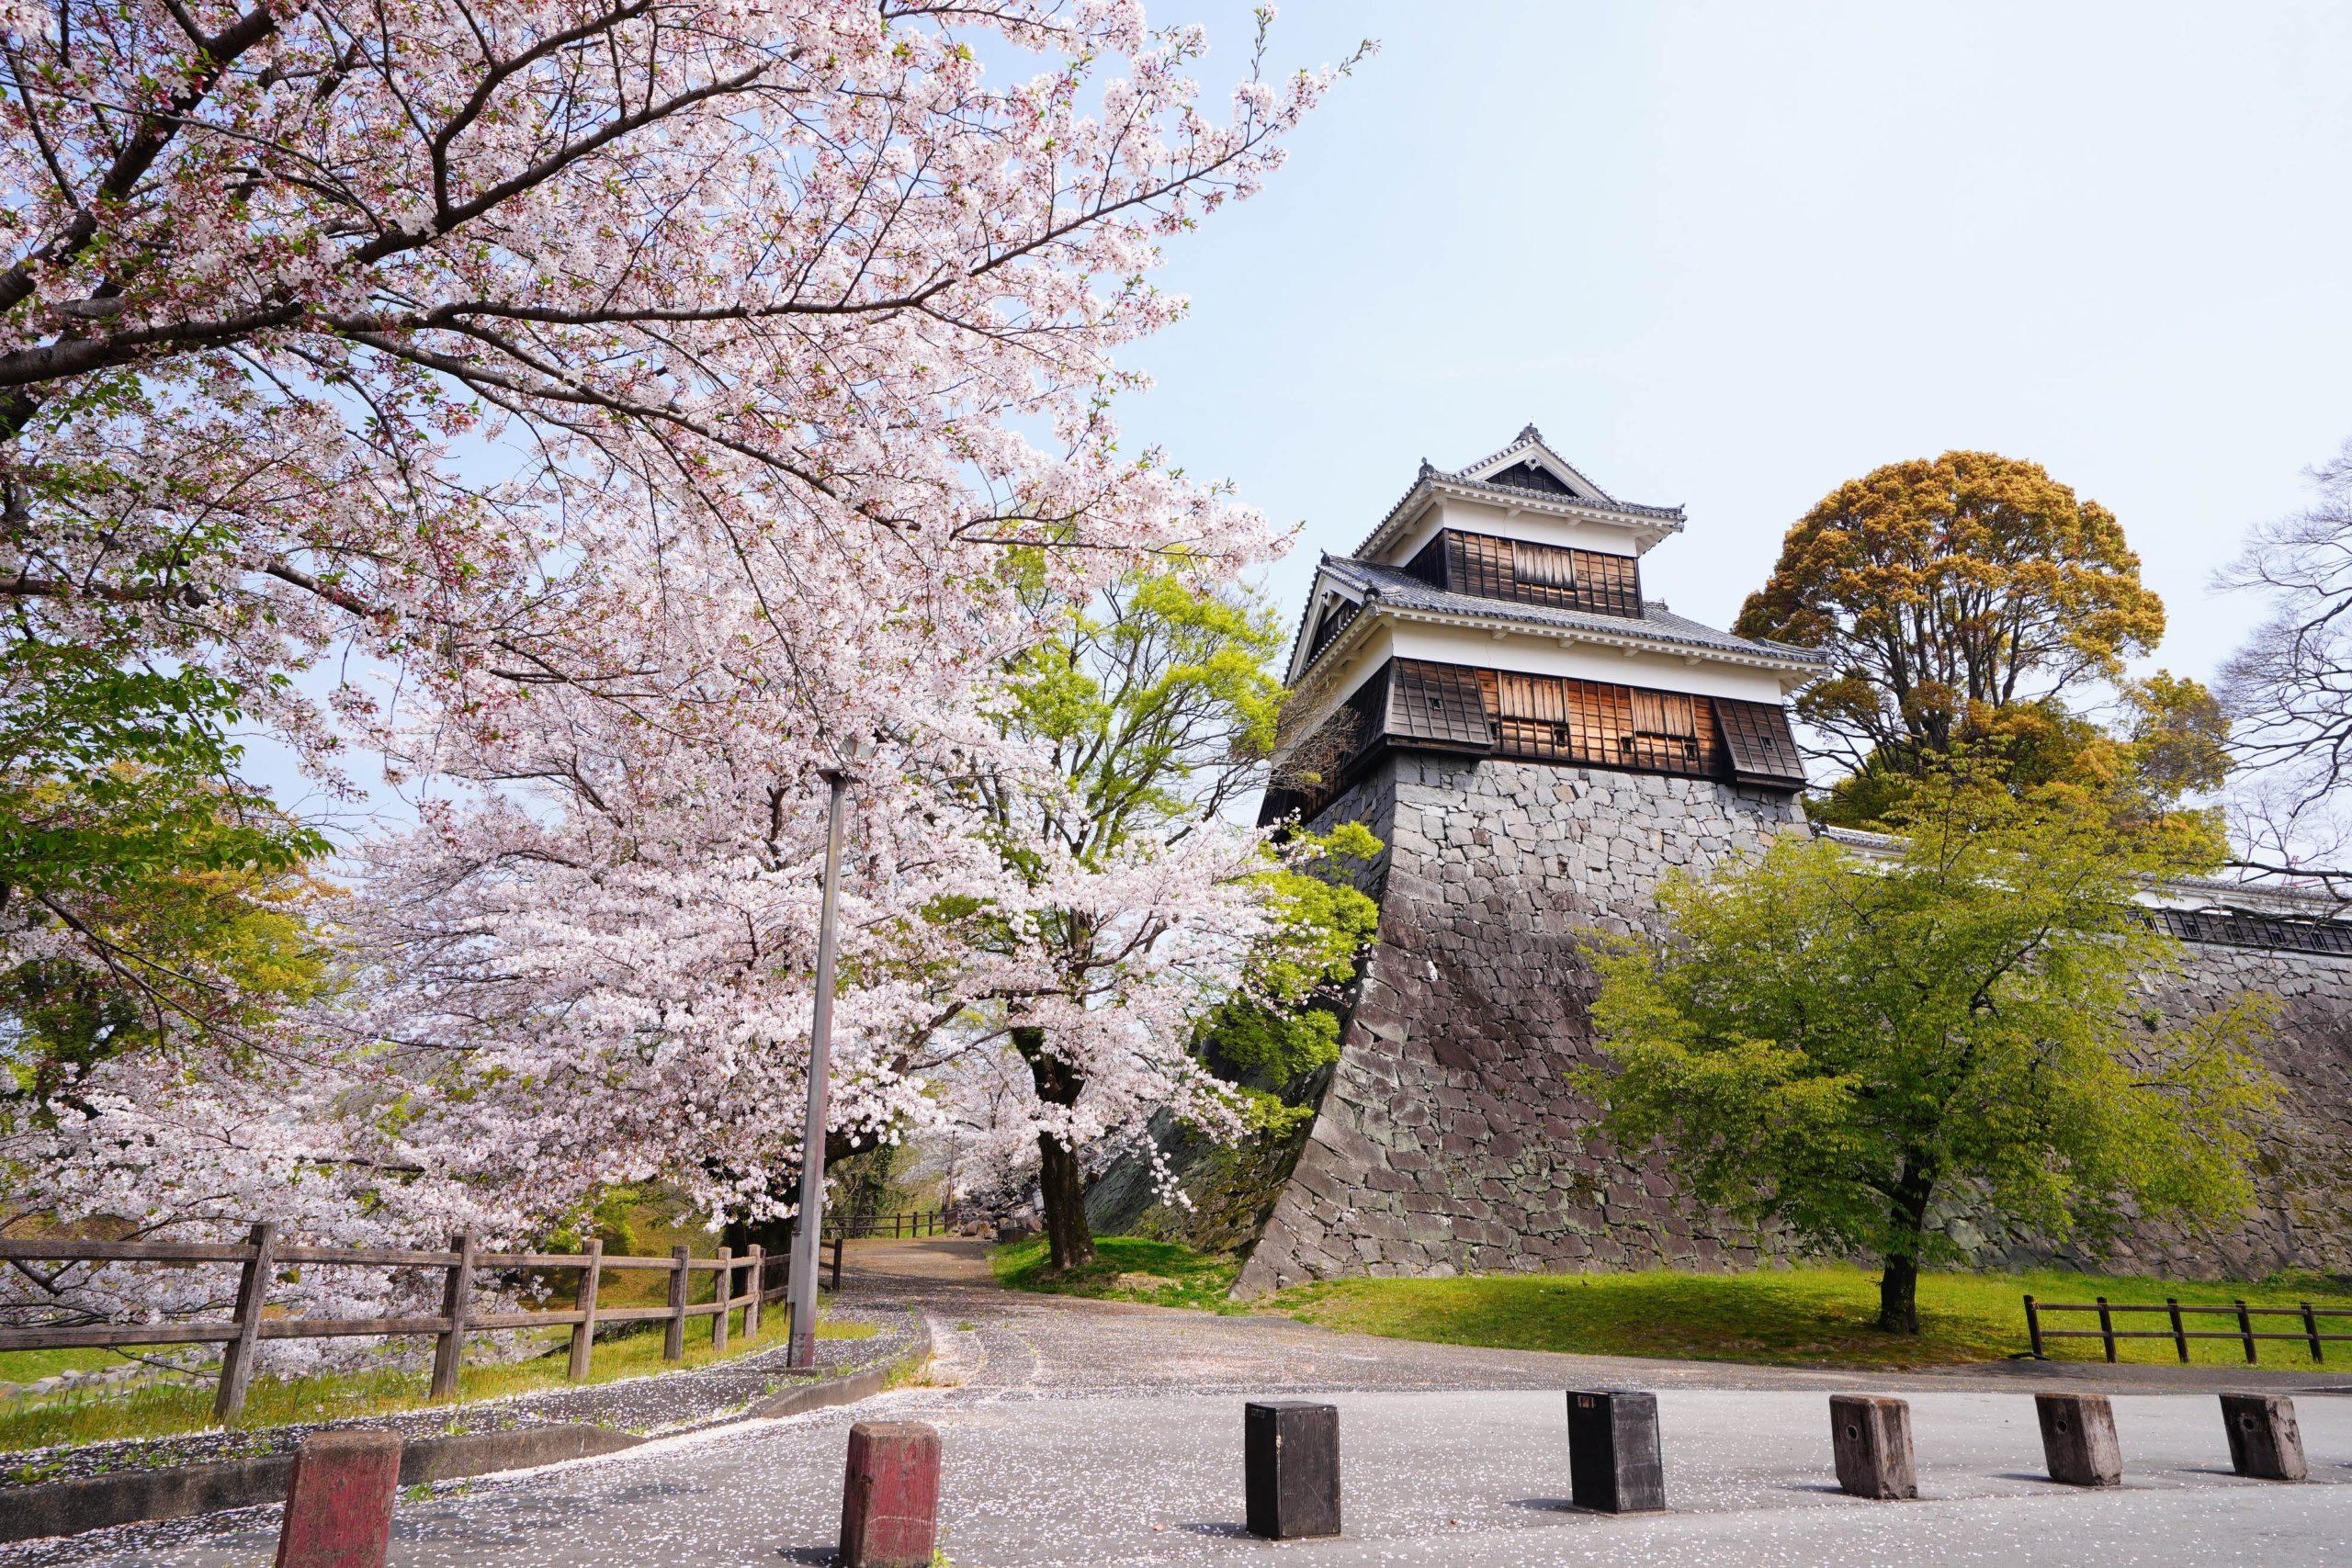 これぞ定番な「熊本」のオススメ観光スポット5選